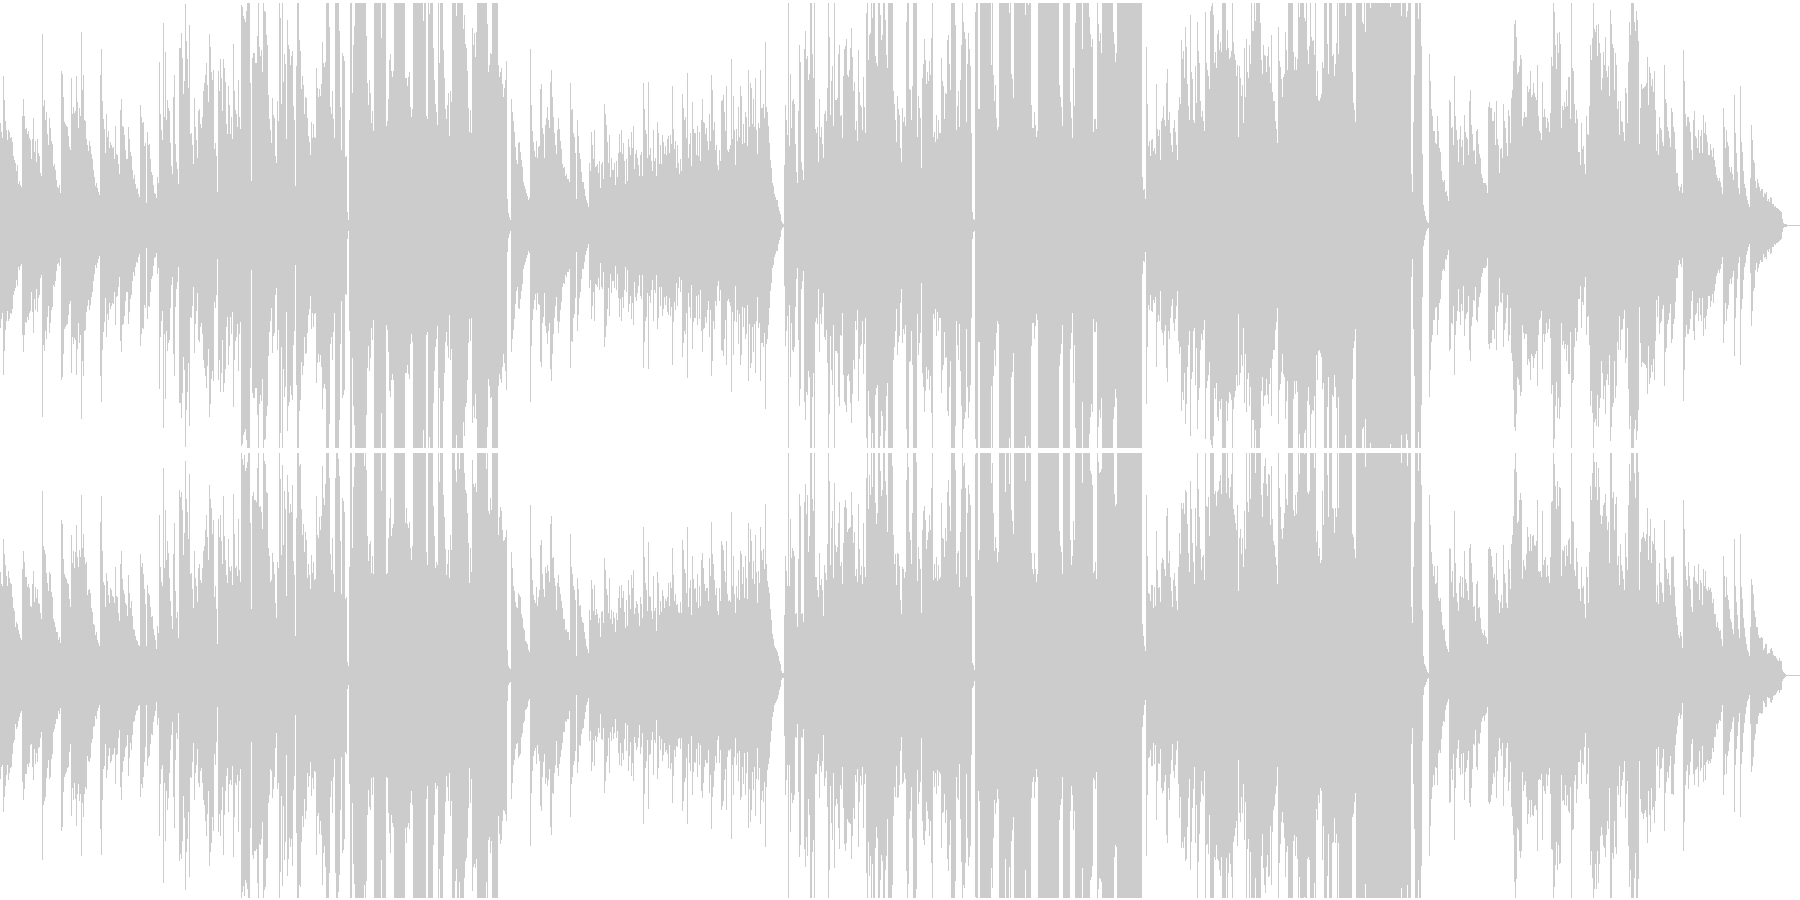 ピアノの旋律が印象的な哀愁のバラードの未再生の波形